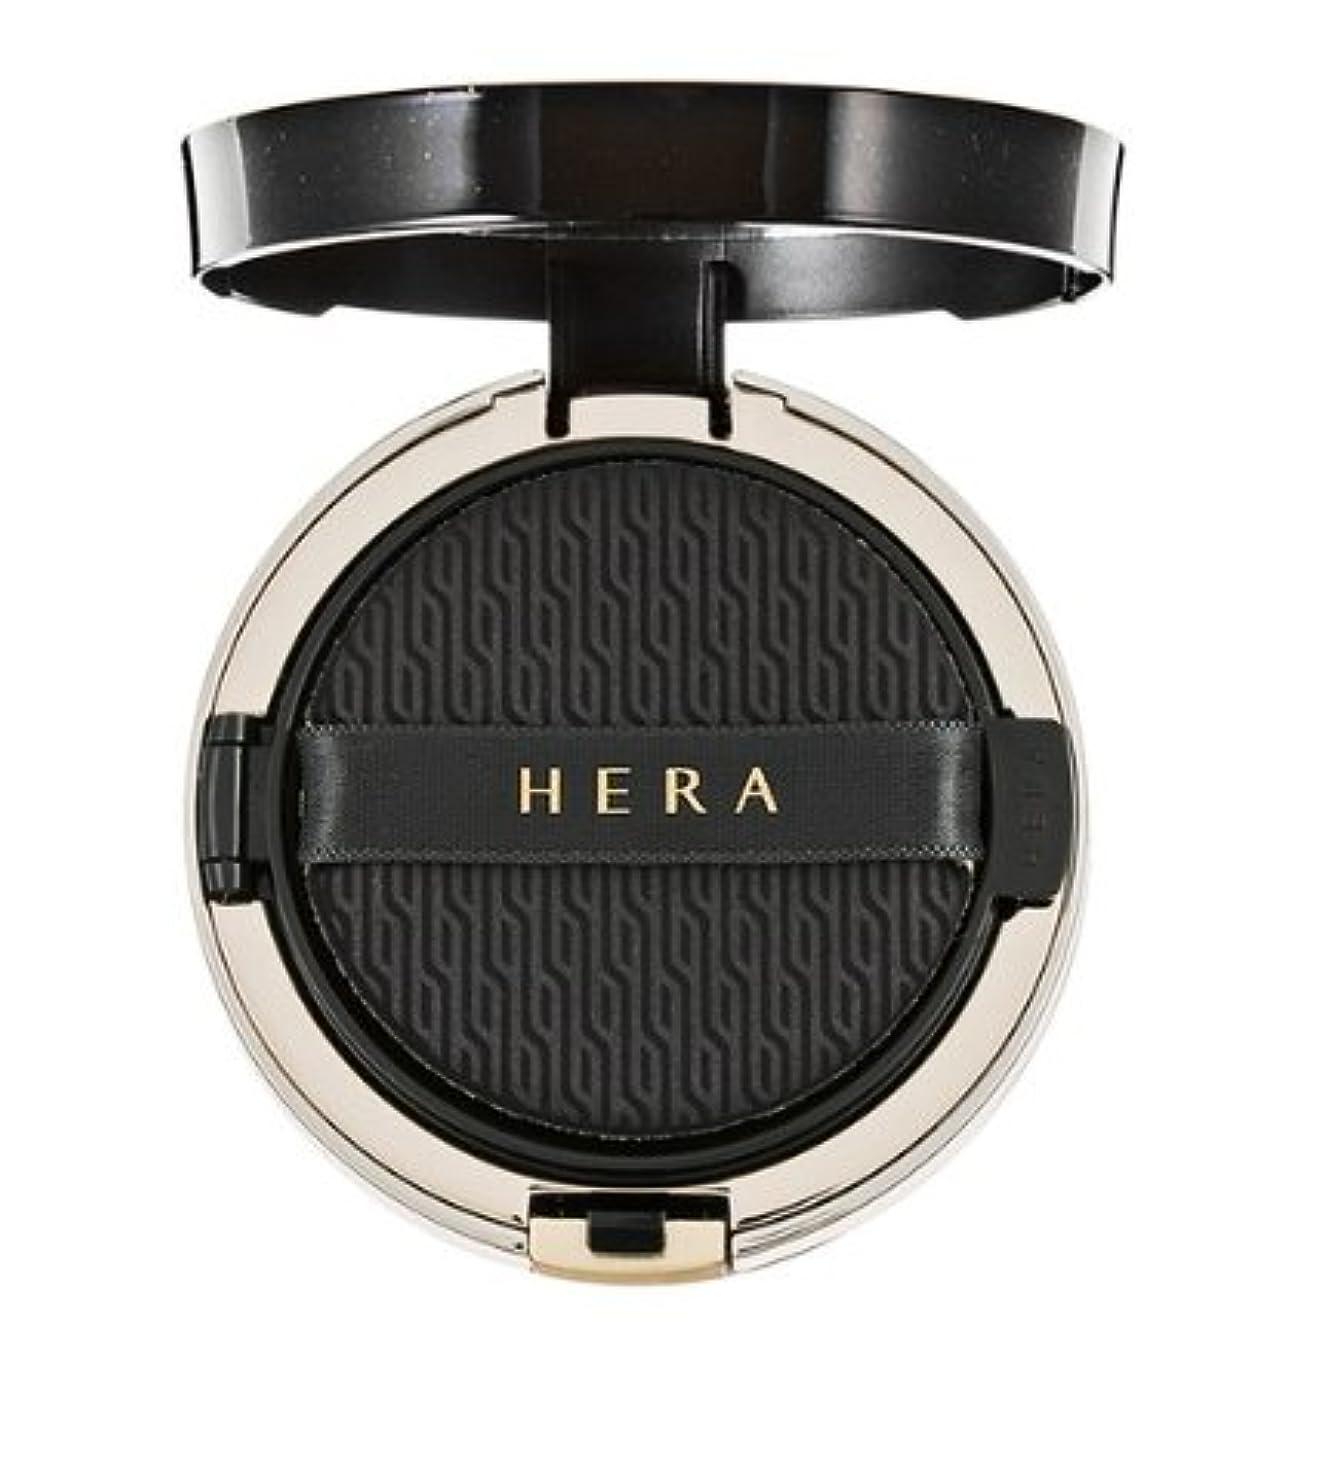 施設松の木海(ヘラ) Hera ブラッククッション SPF34/PA++ 本品15g+リフィール15g / Black Cushion SPF34/PA++ 15g+Refil15g (No.25 ember) (韓国直発送) shumaman